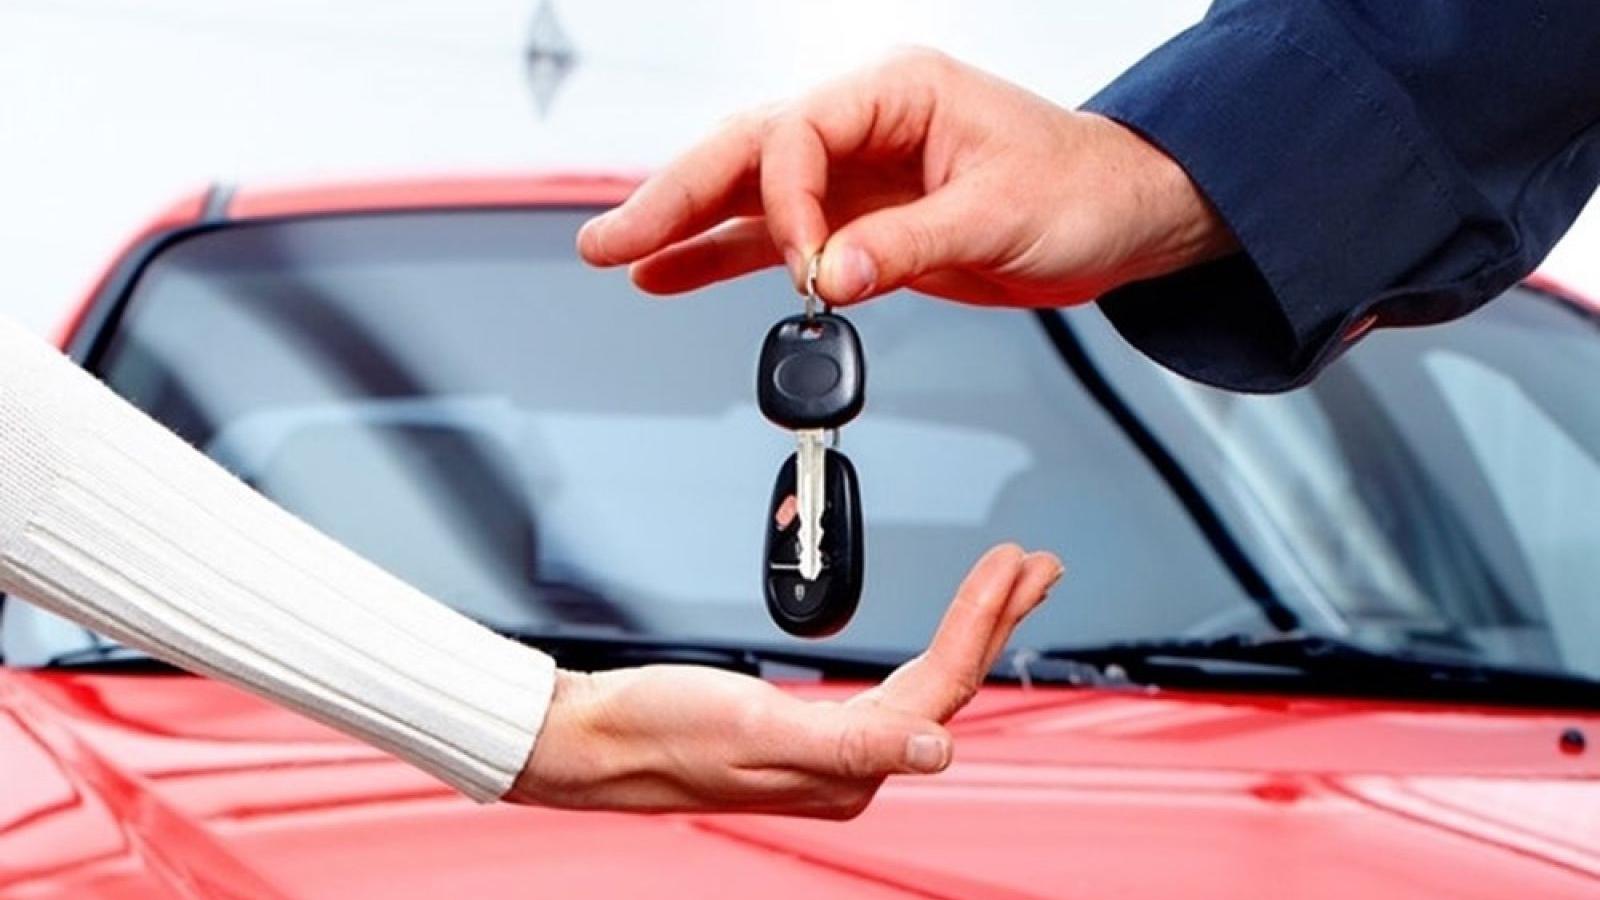 Bị bạn mượn xe: Thà mang tiếng ki bo còn hơn lo rủi ro